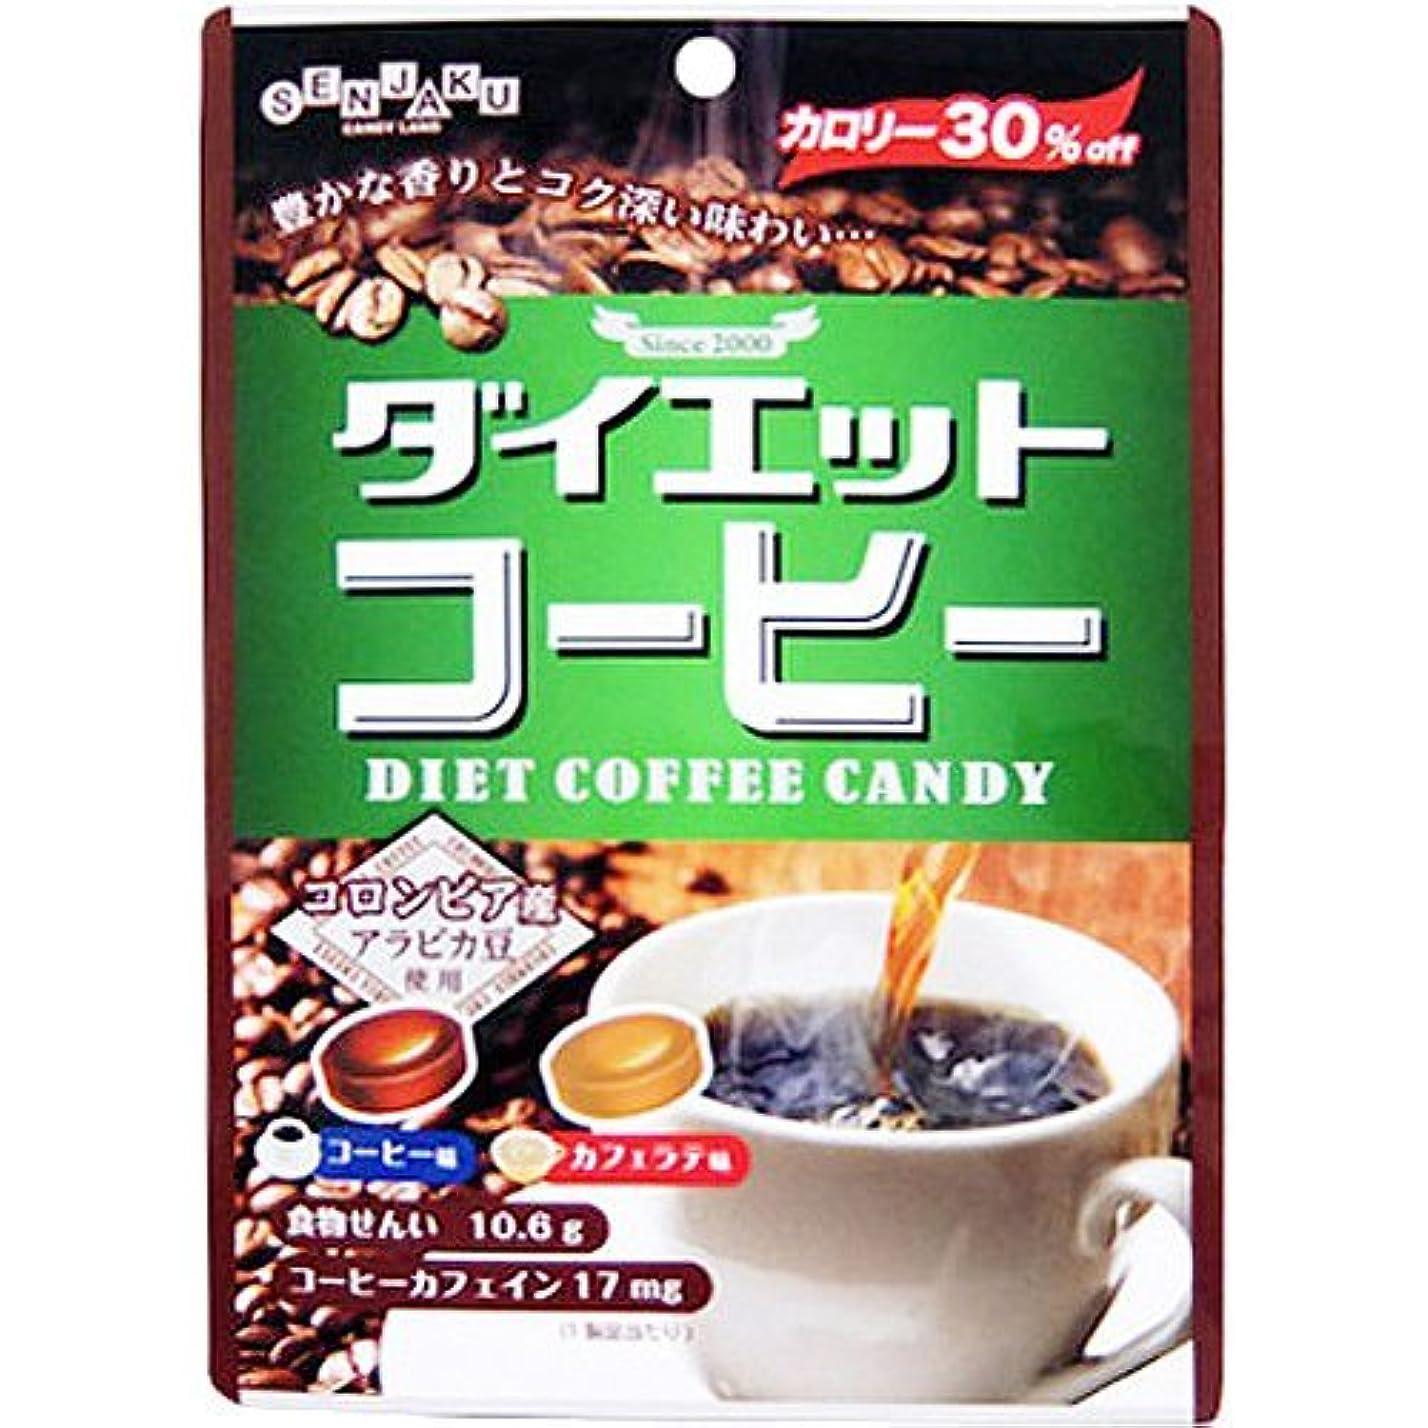 放課後浴室予感扇雀飴本舗 ダイエットコーヒー 80g